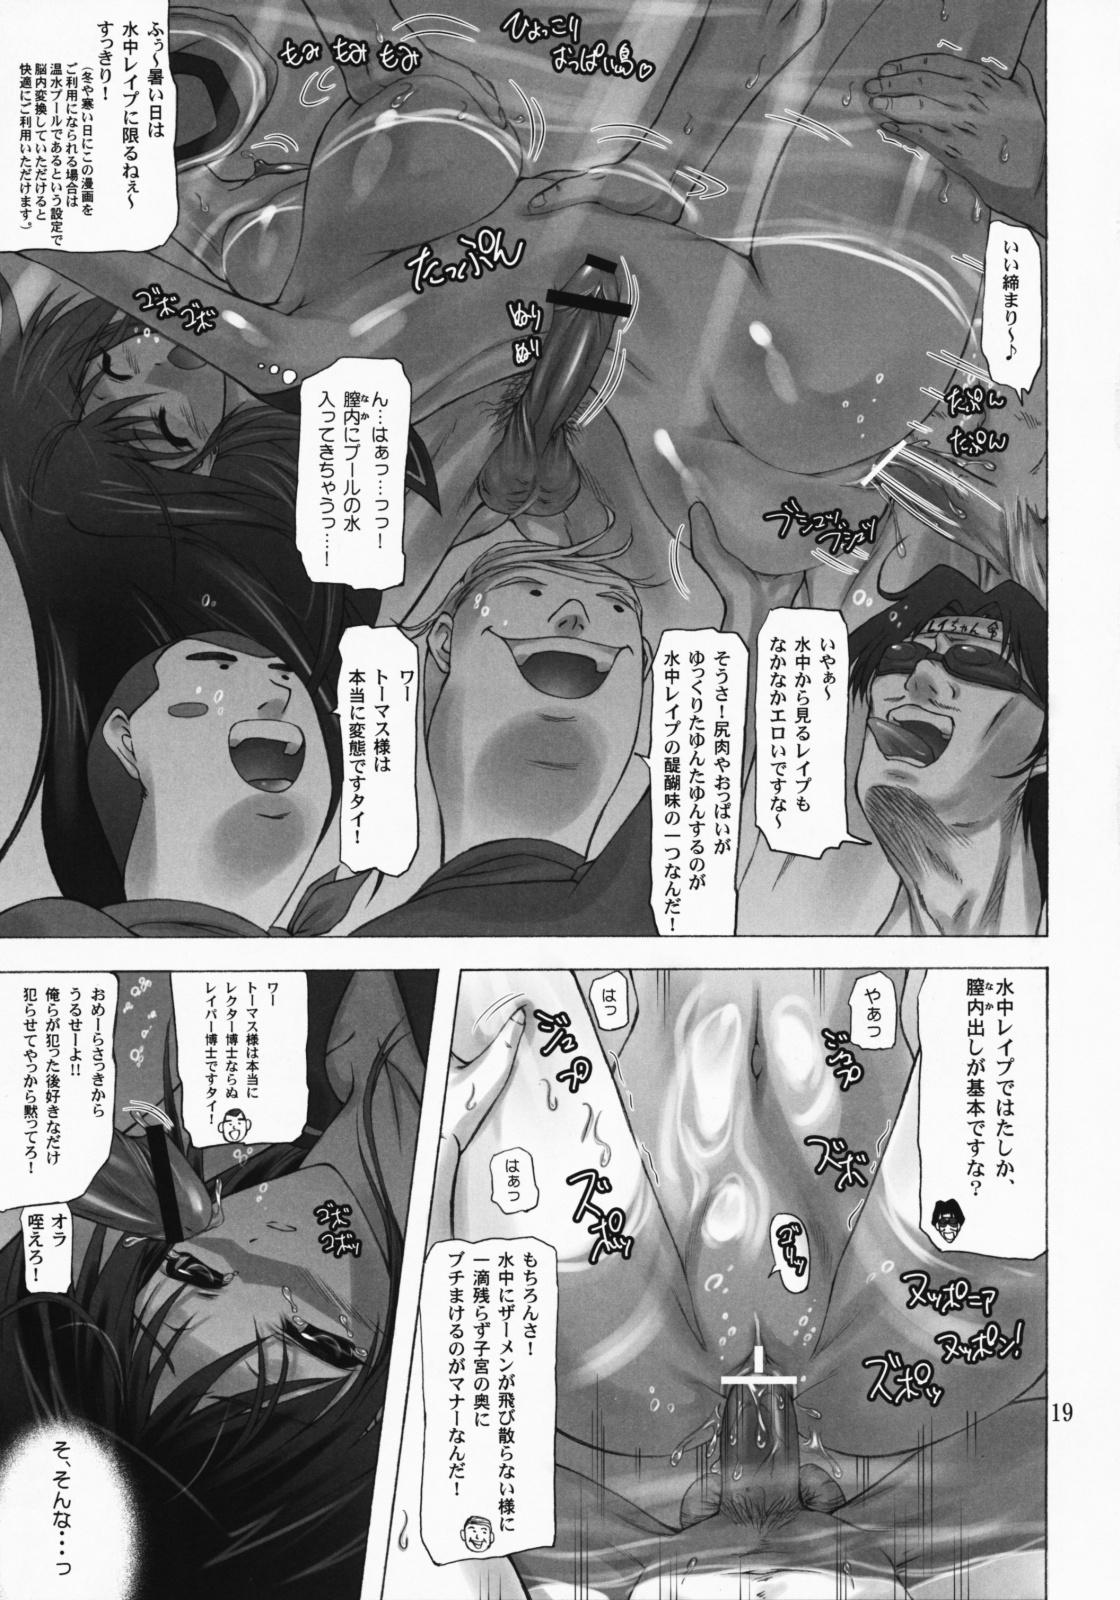 Sailor Mariners Kanzenban 17